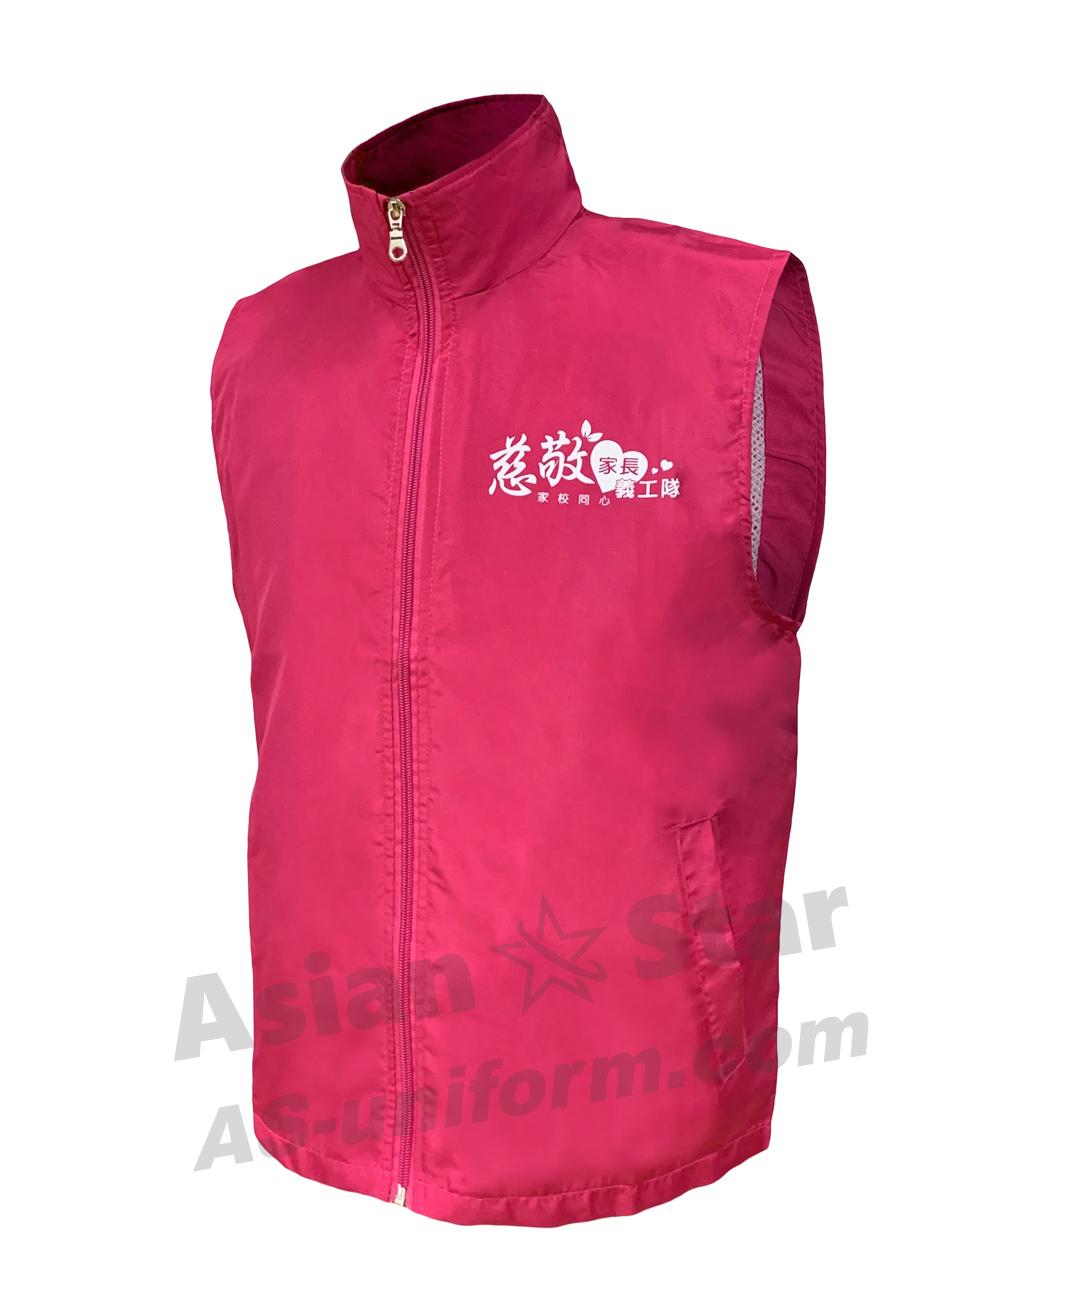 選舉背心外套訂做AS401E